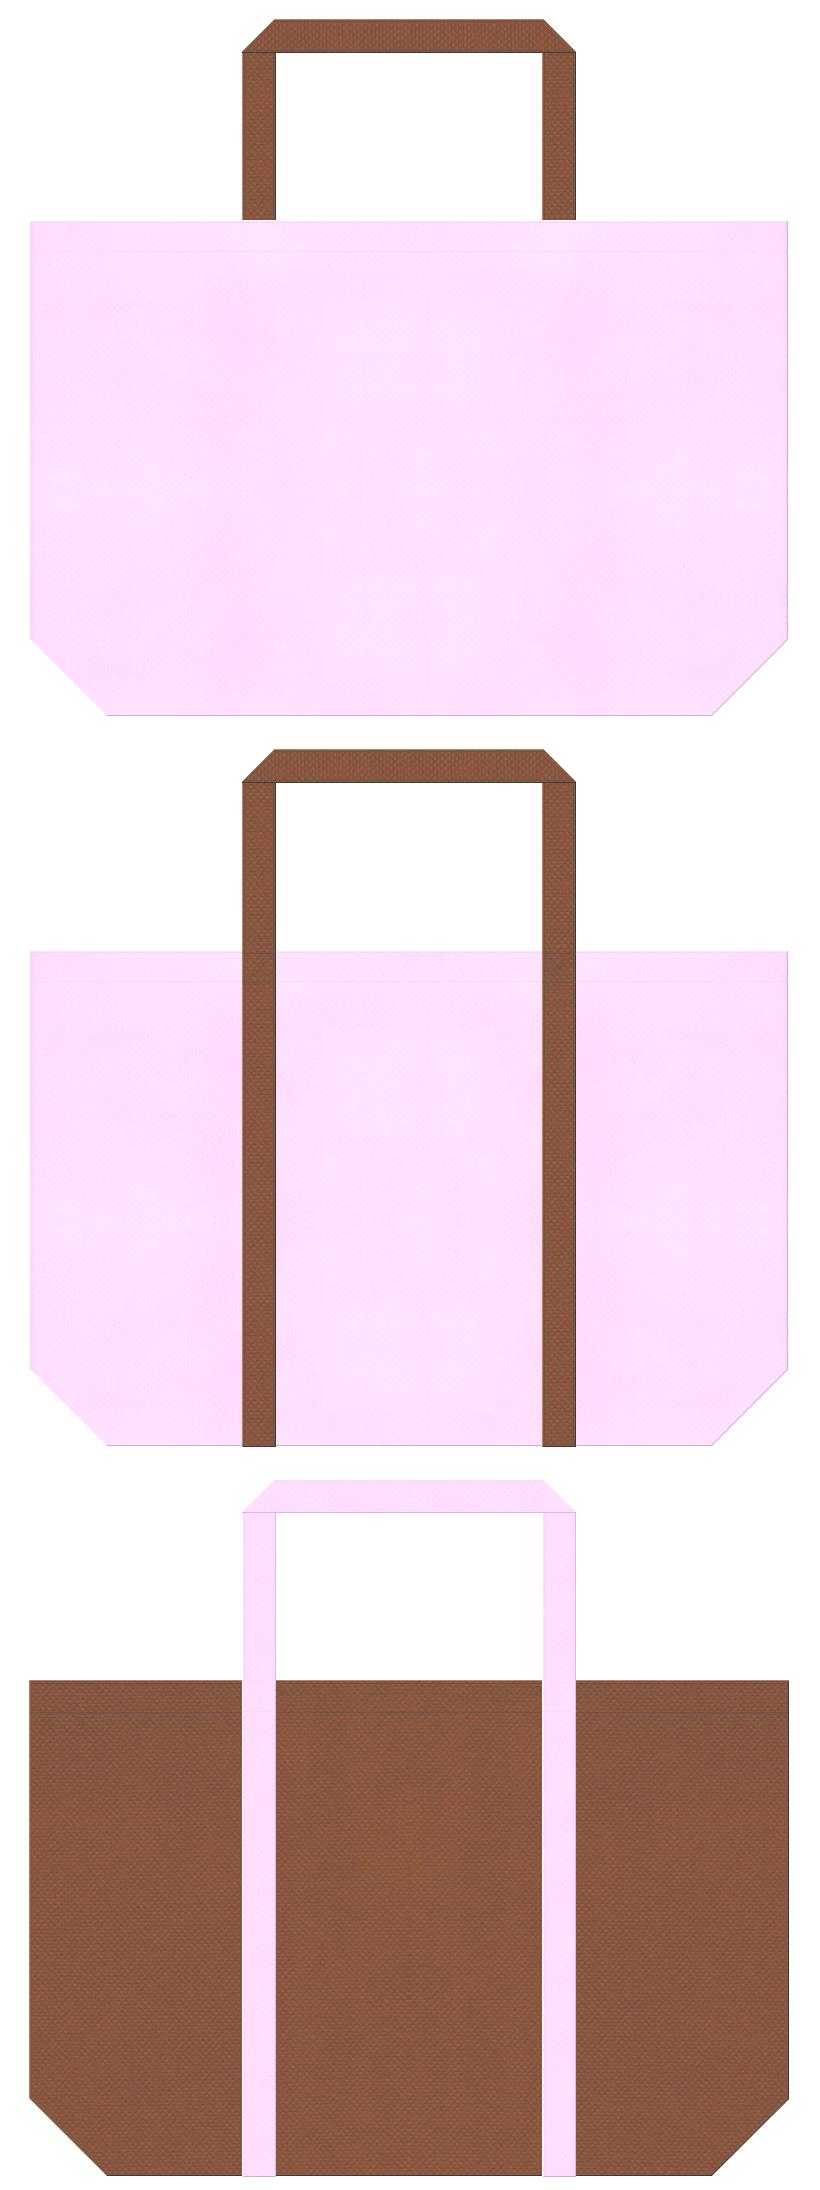 girlyなバッグノベルティにお奨めのコーデ。明るいピンク色と茶色の不織布バッグデザイン。チョコレート風。